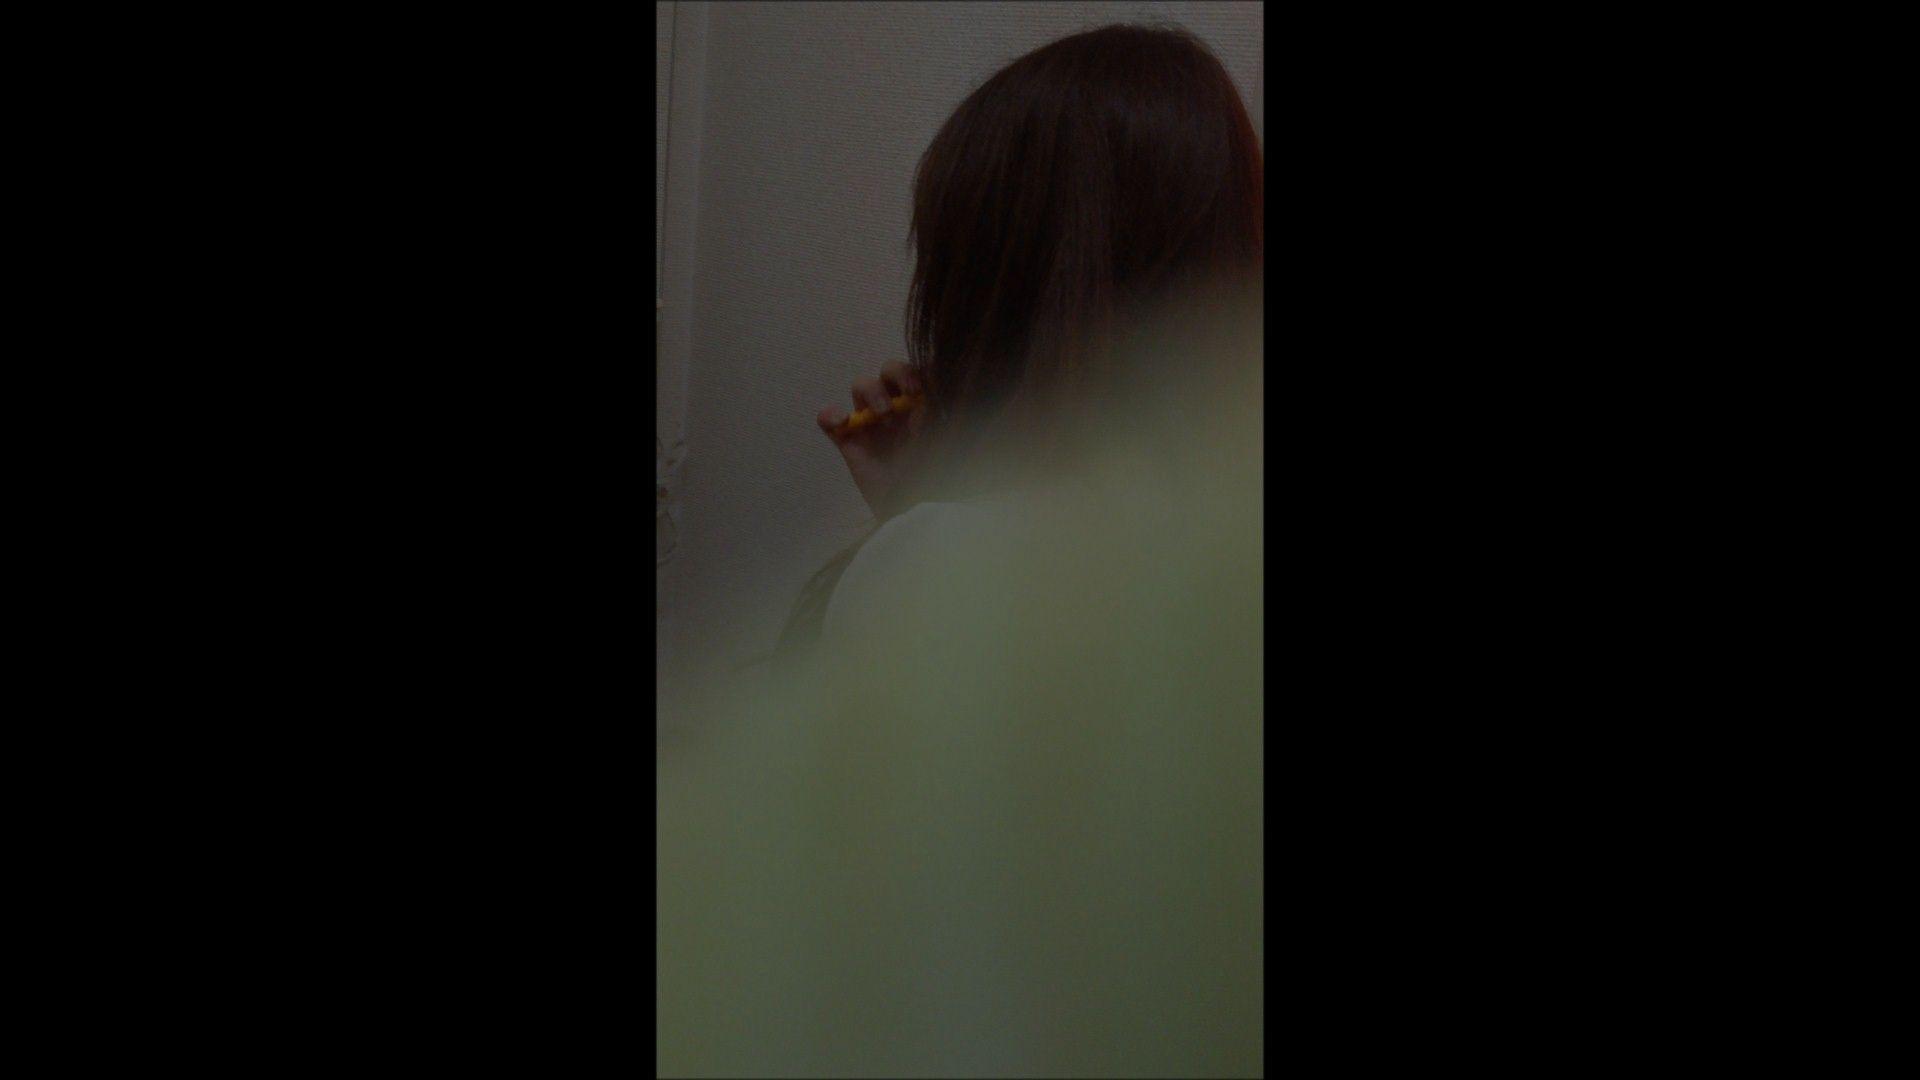 08(8日目)メイク中の彼女の顔を撮りました! マンコ特集 | オマンコ丸見え  59連発 13